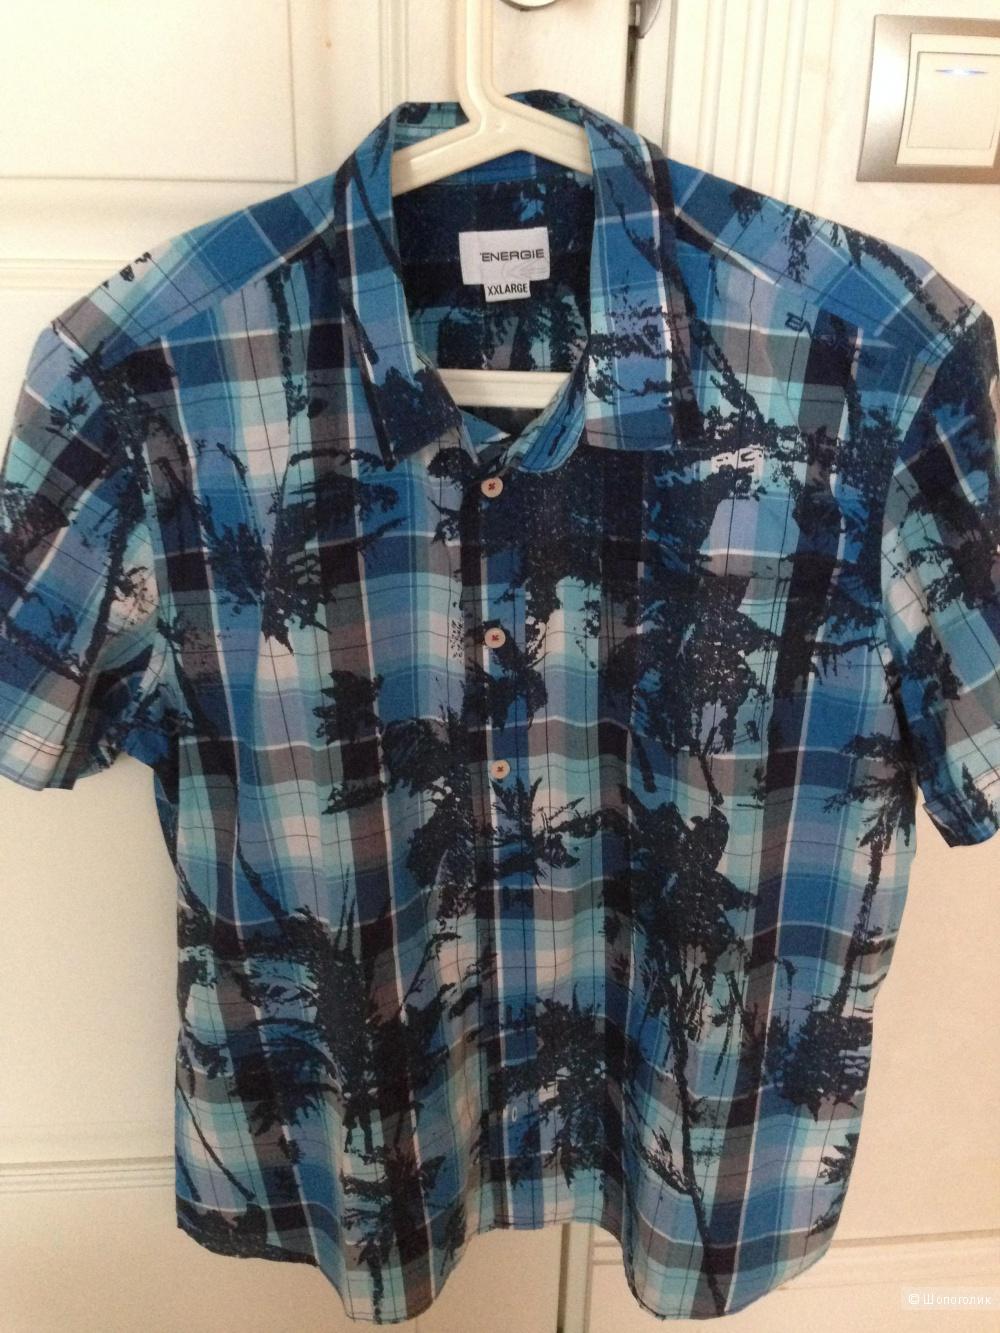 Мужская рубашка Energie (Италия) размер XXL (маломерка)